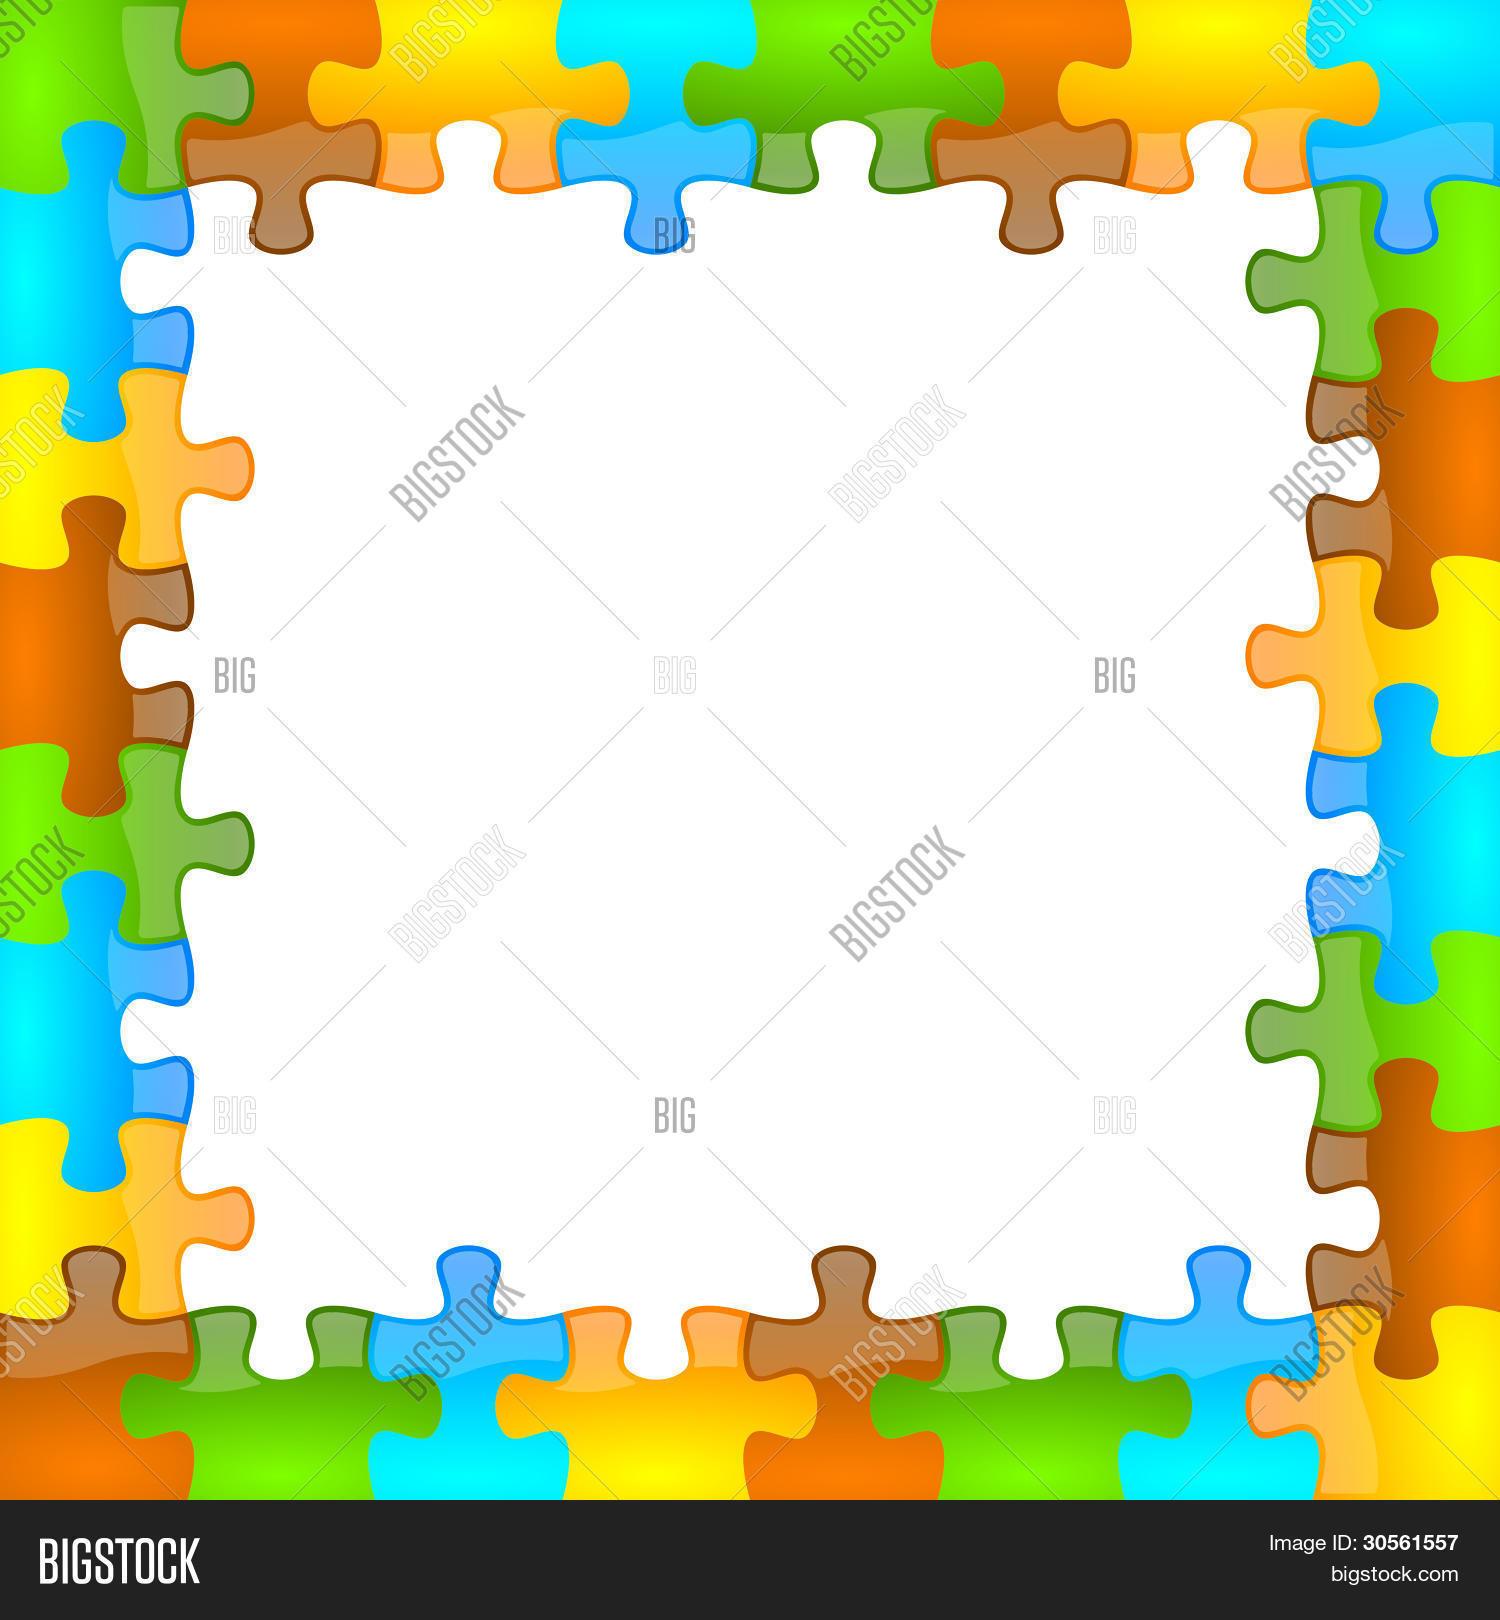 Imagen y foto Color Y (prueba gratis) | Bigstock